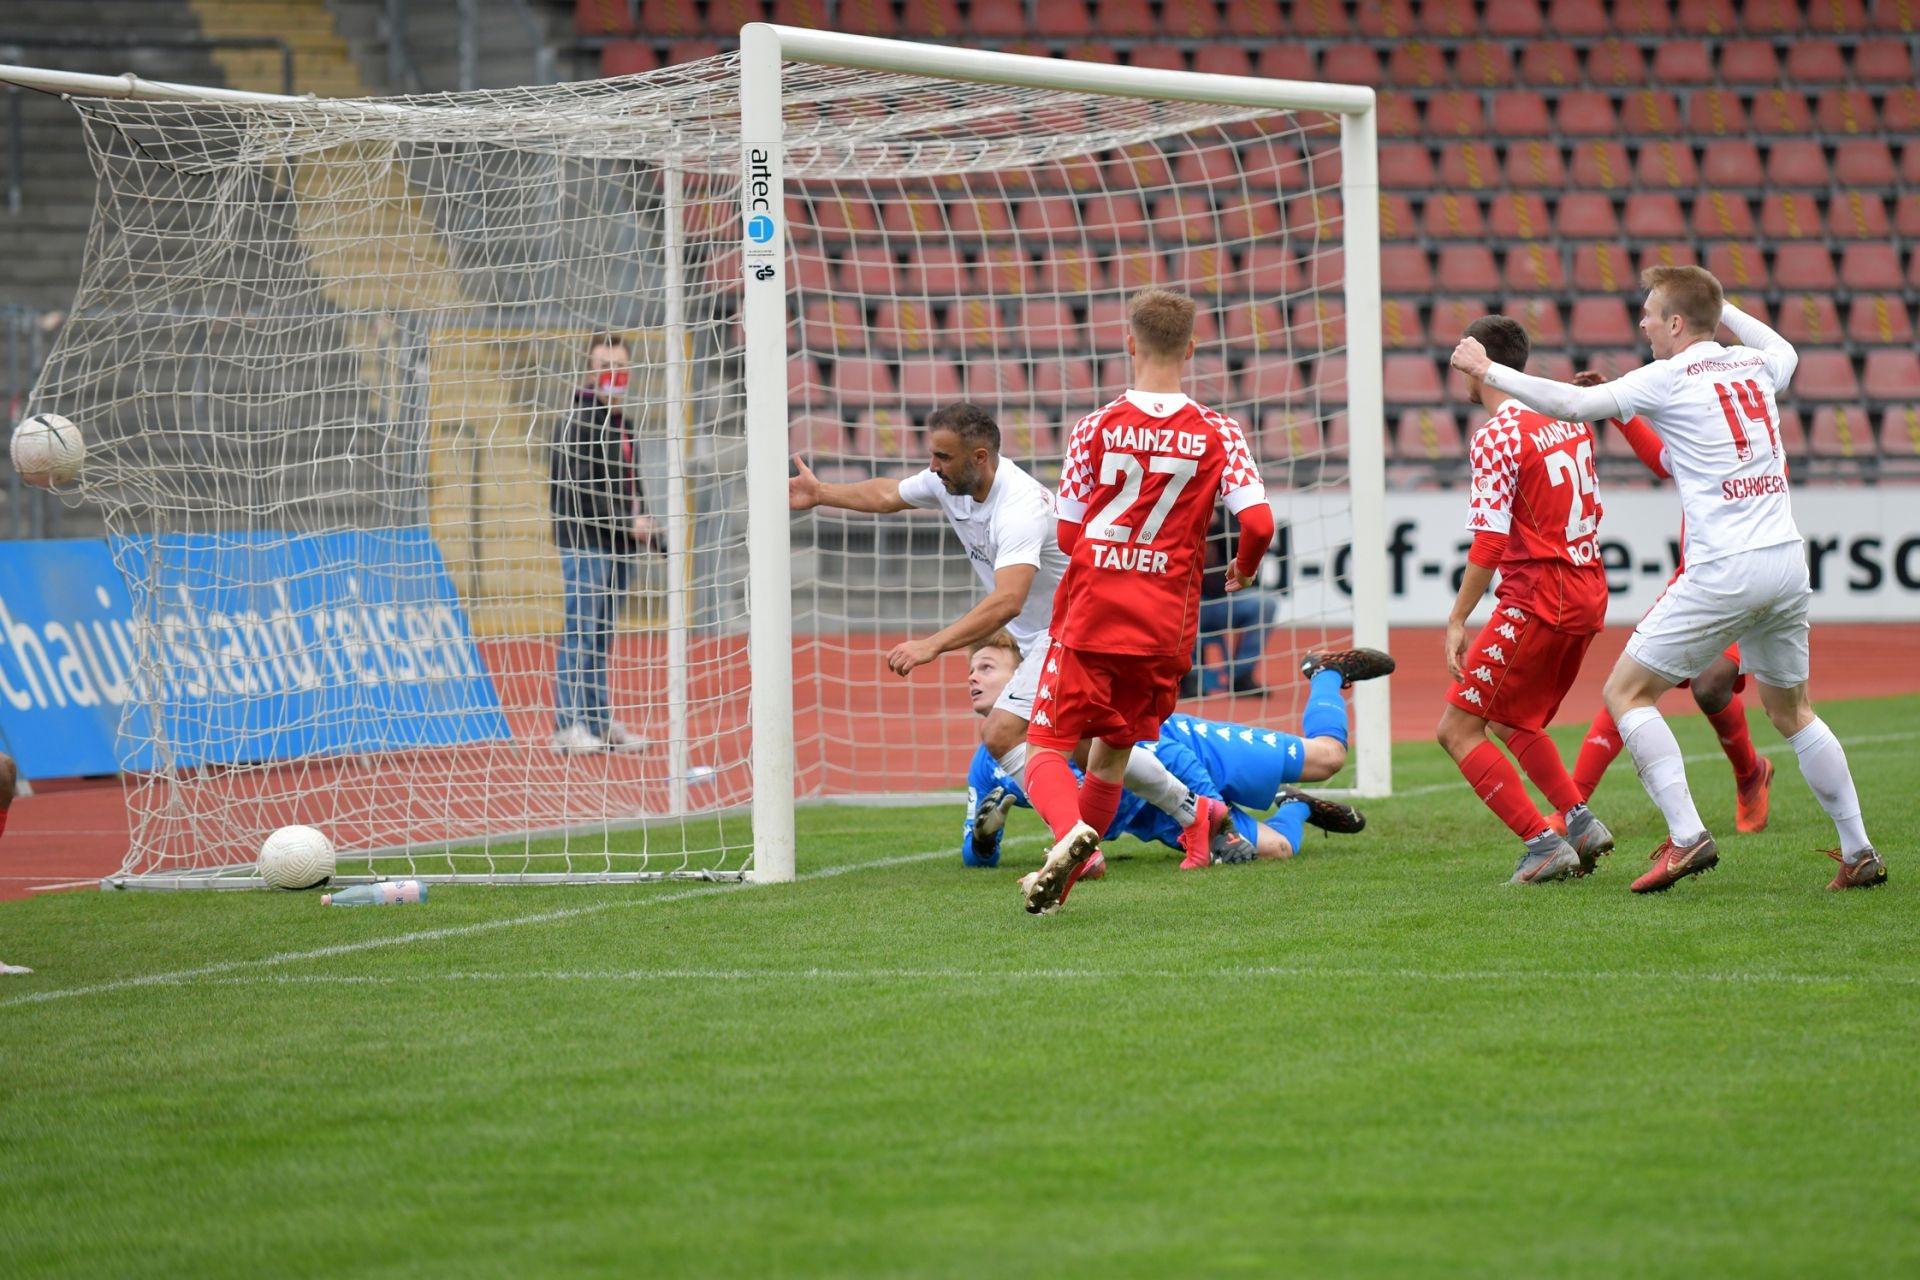 Regionalliga S�dwest 2020/21, KSV Hessen Kassel, 1. FSV Mainz 05 II, Endstand 2:1, Tor zum 1:0